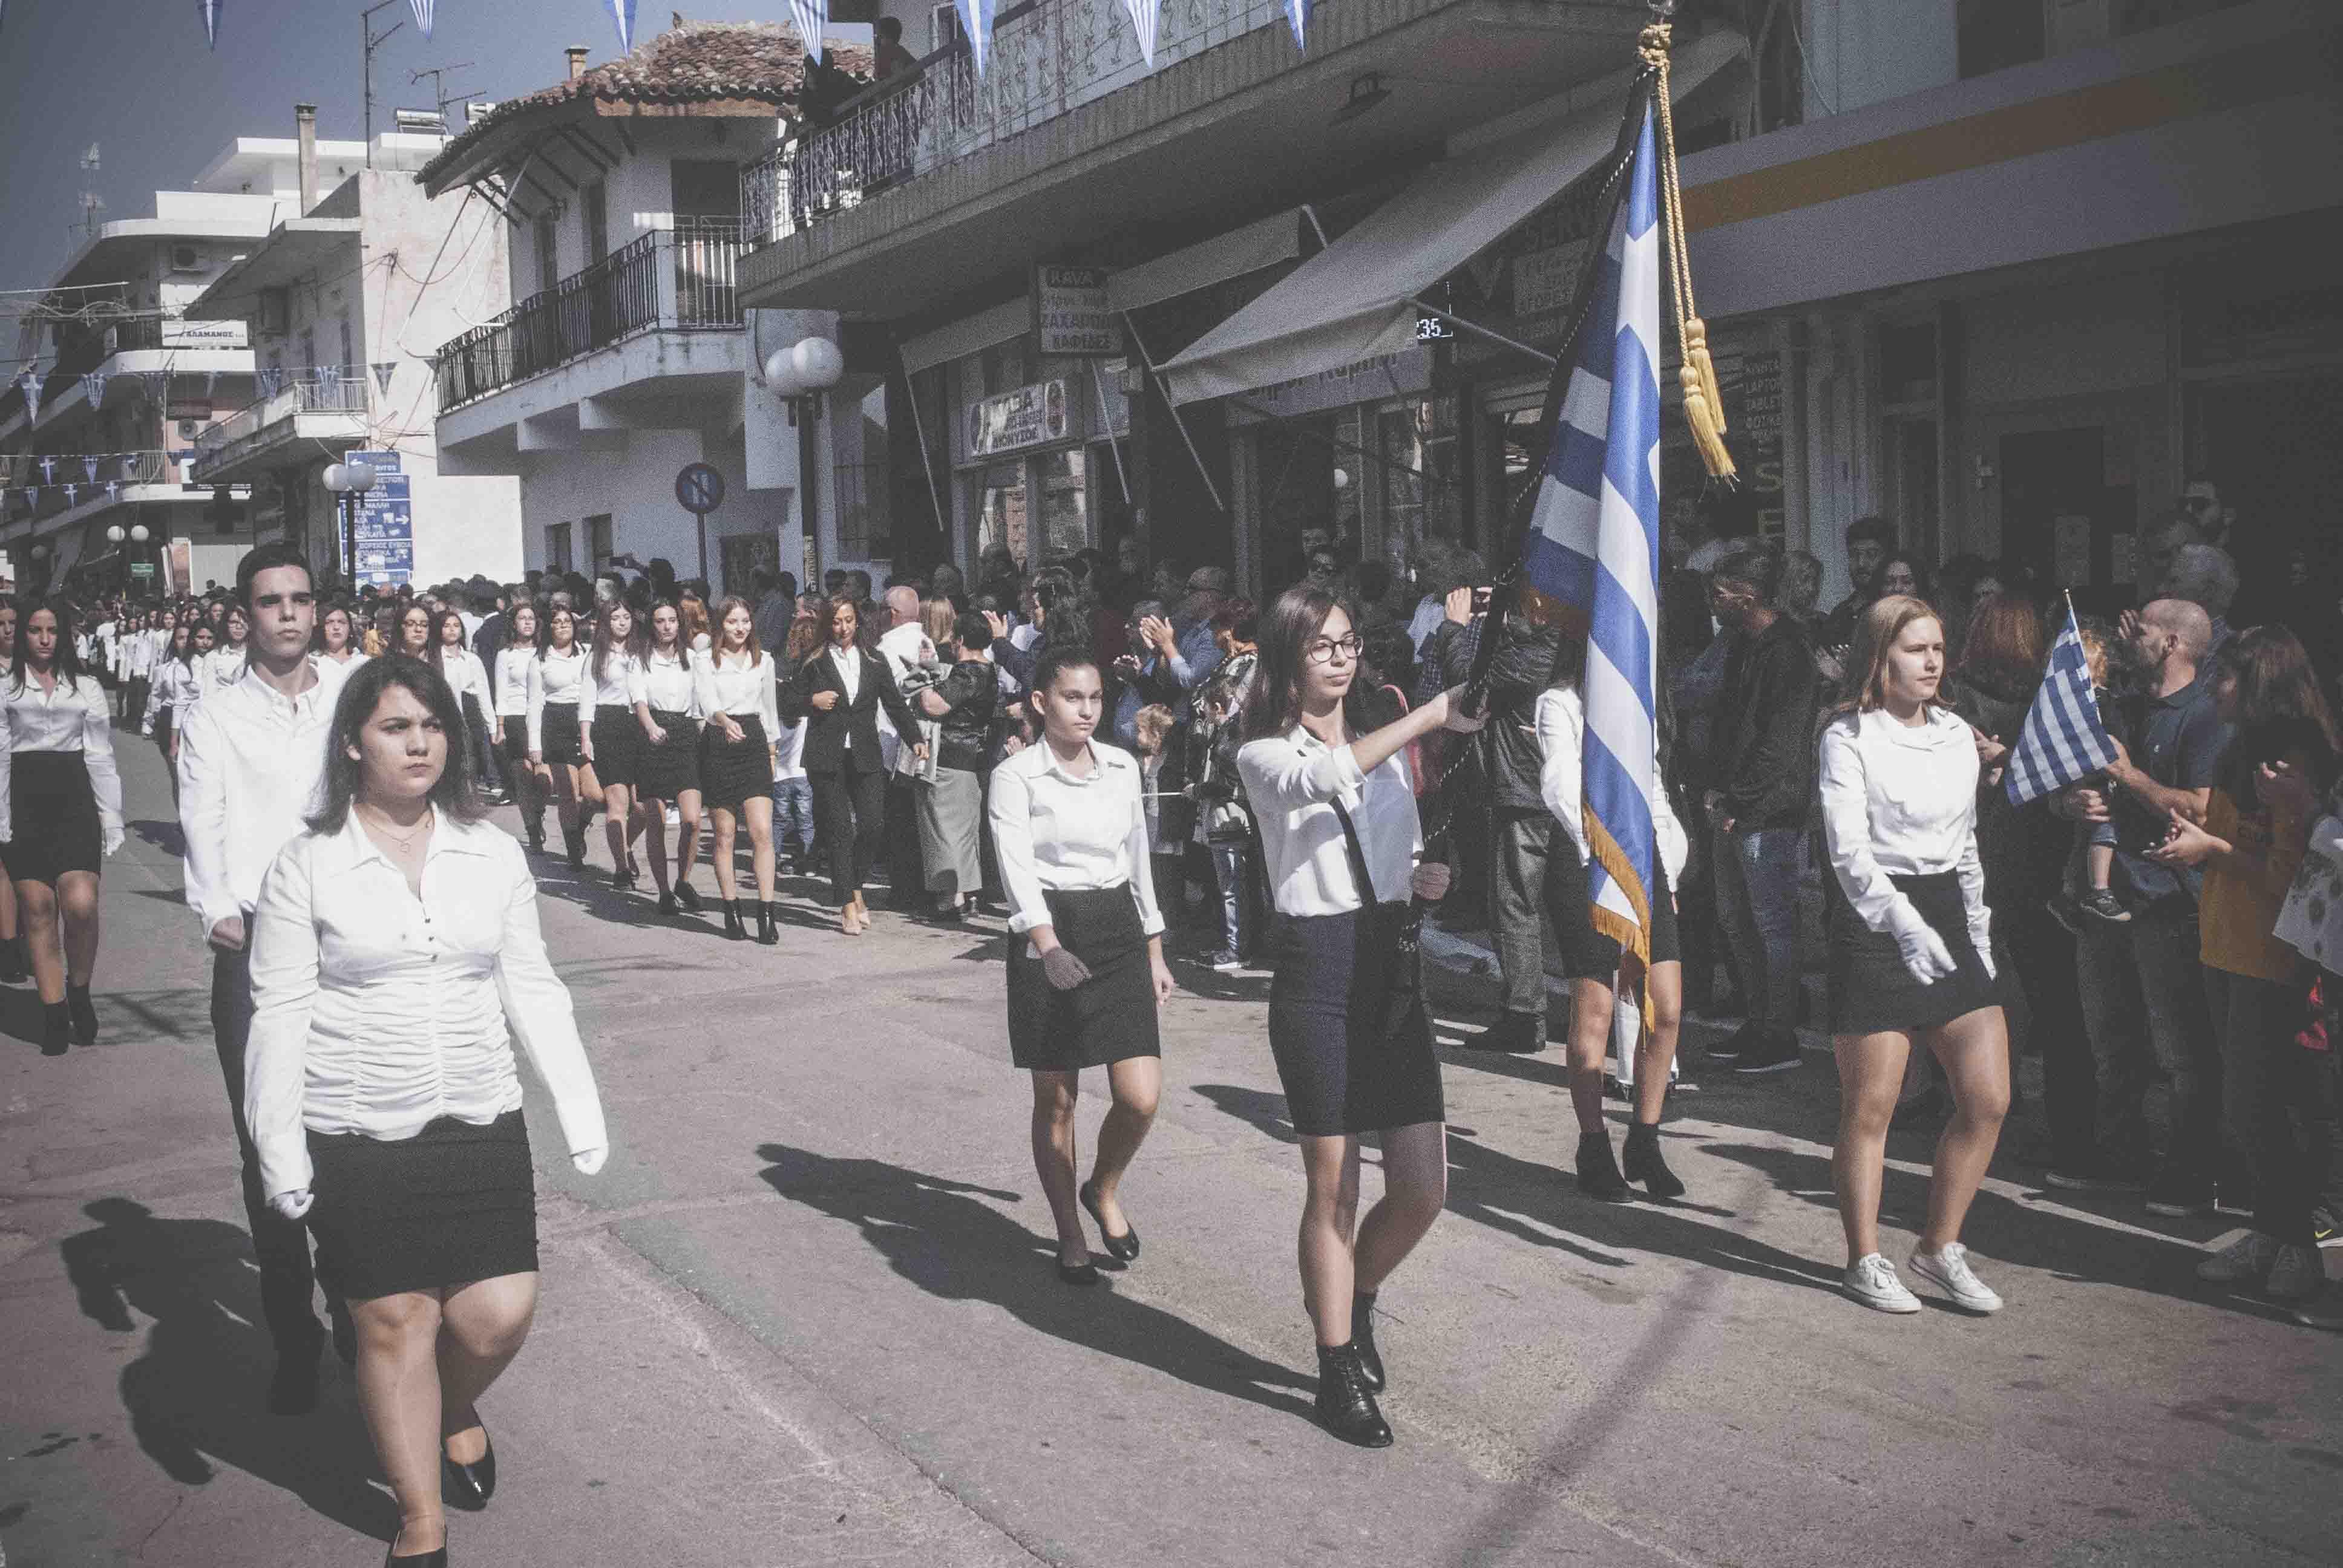 Φωτογραφικό υλικό από την παρέλαση στα Ψαχνά DSC 0406  Η παρέλαση της 28ης Οκτωβρίου σε Καστέλλα και Ψαχνά (φωτό) DSC 0406